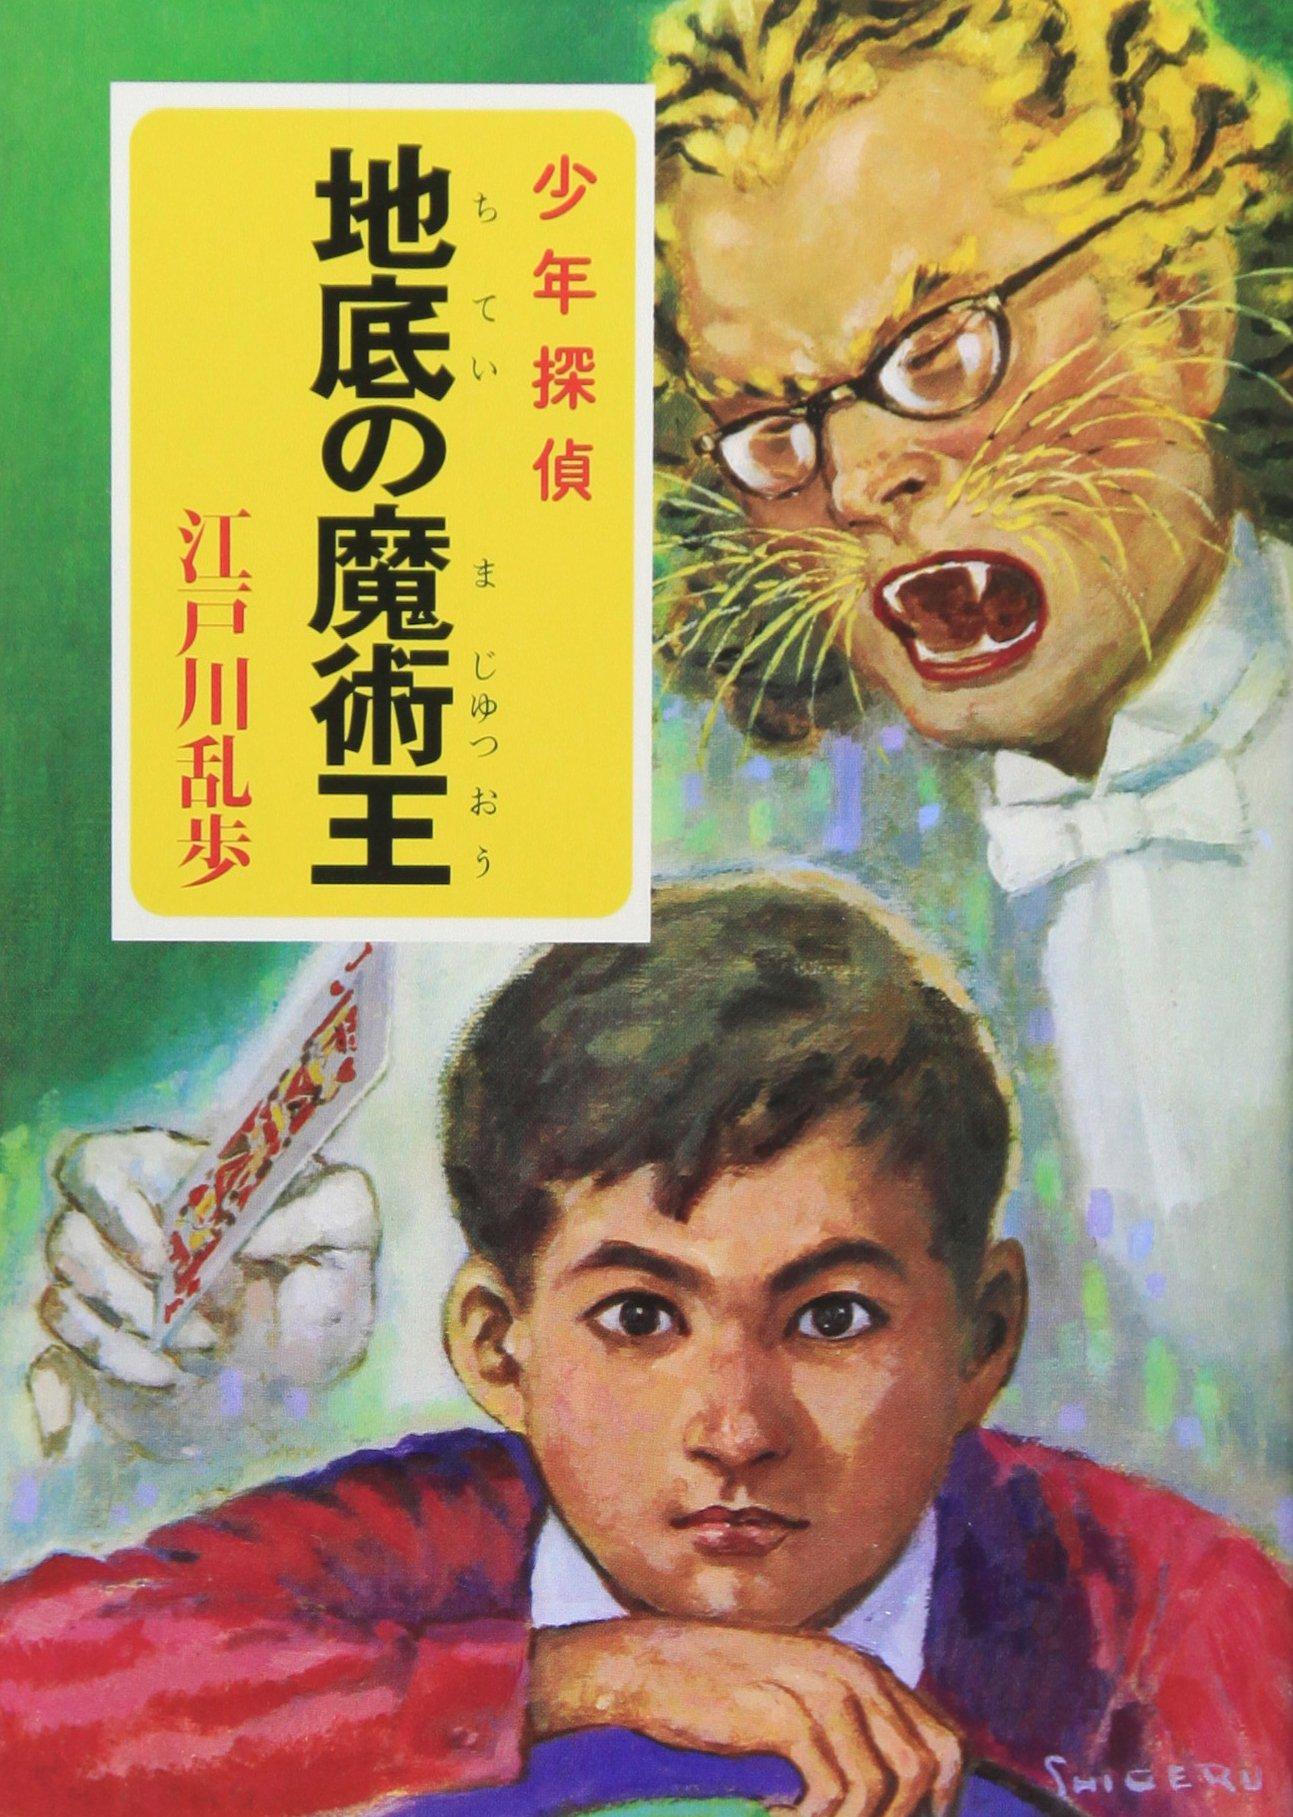 【不審者情報】猛暑ゆえ?猫語を操る「ニャーニャーおじさん」 東京・世田谷に出現! YouTube動画>1本 ->画像>40枚